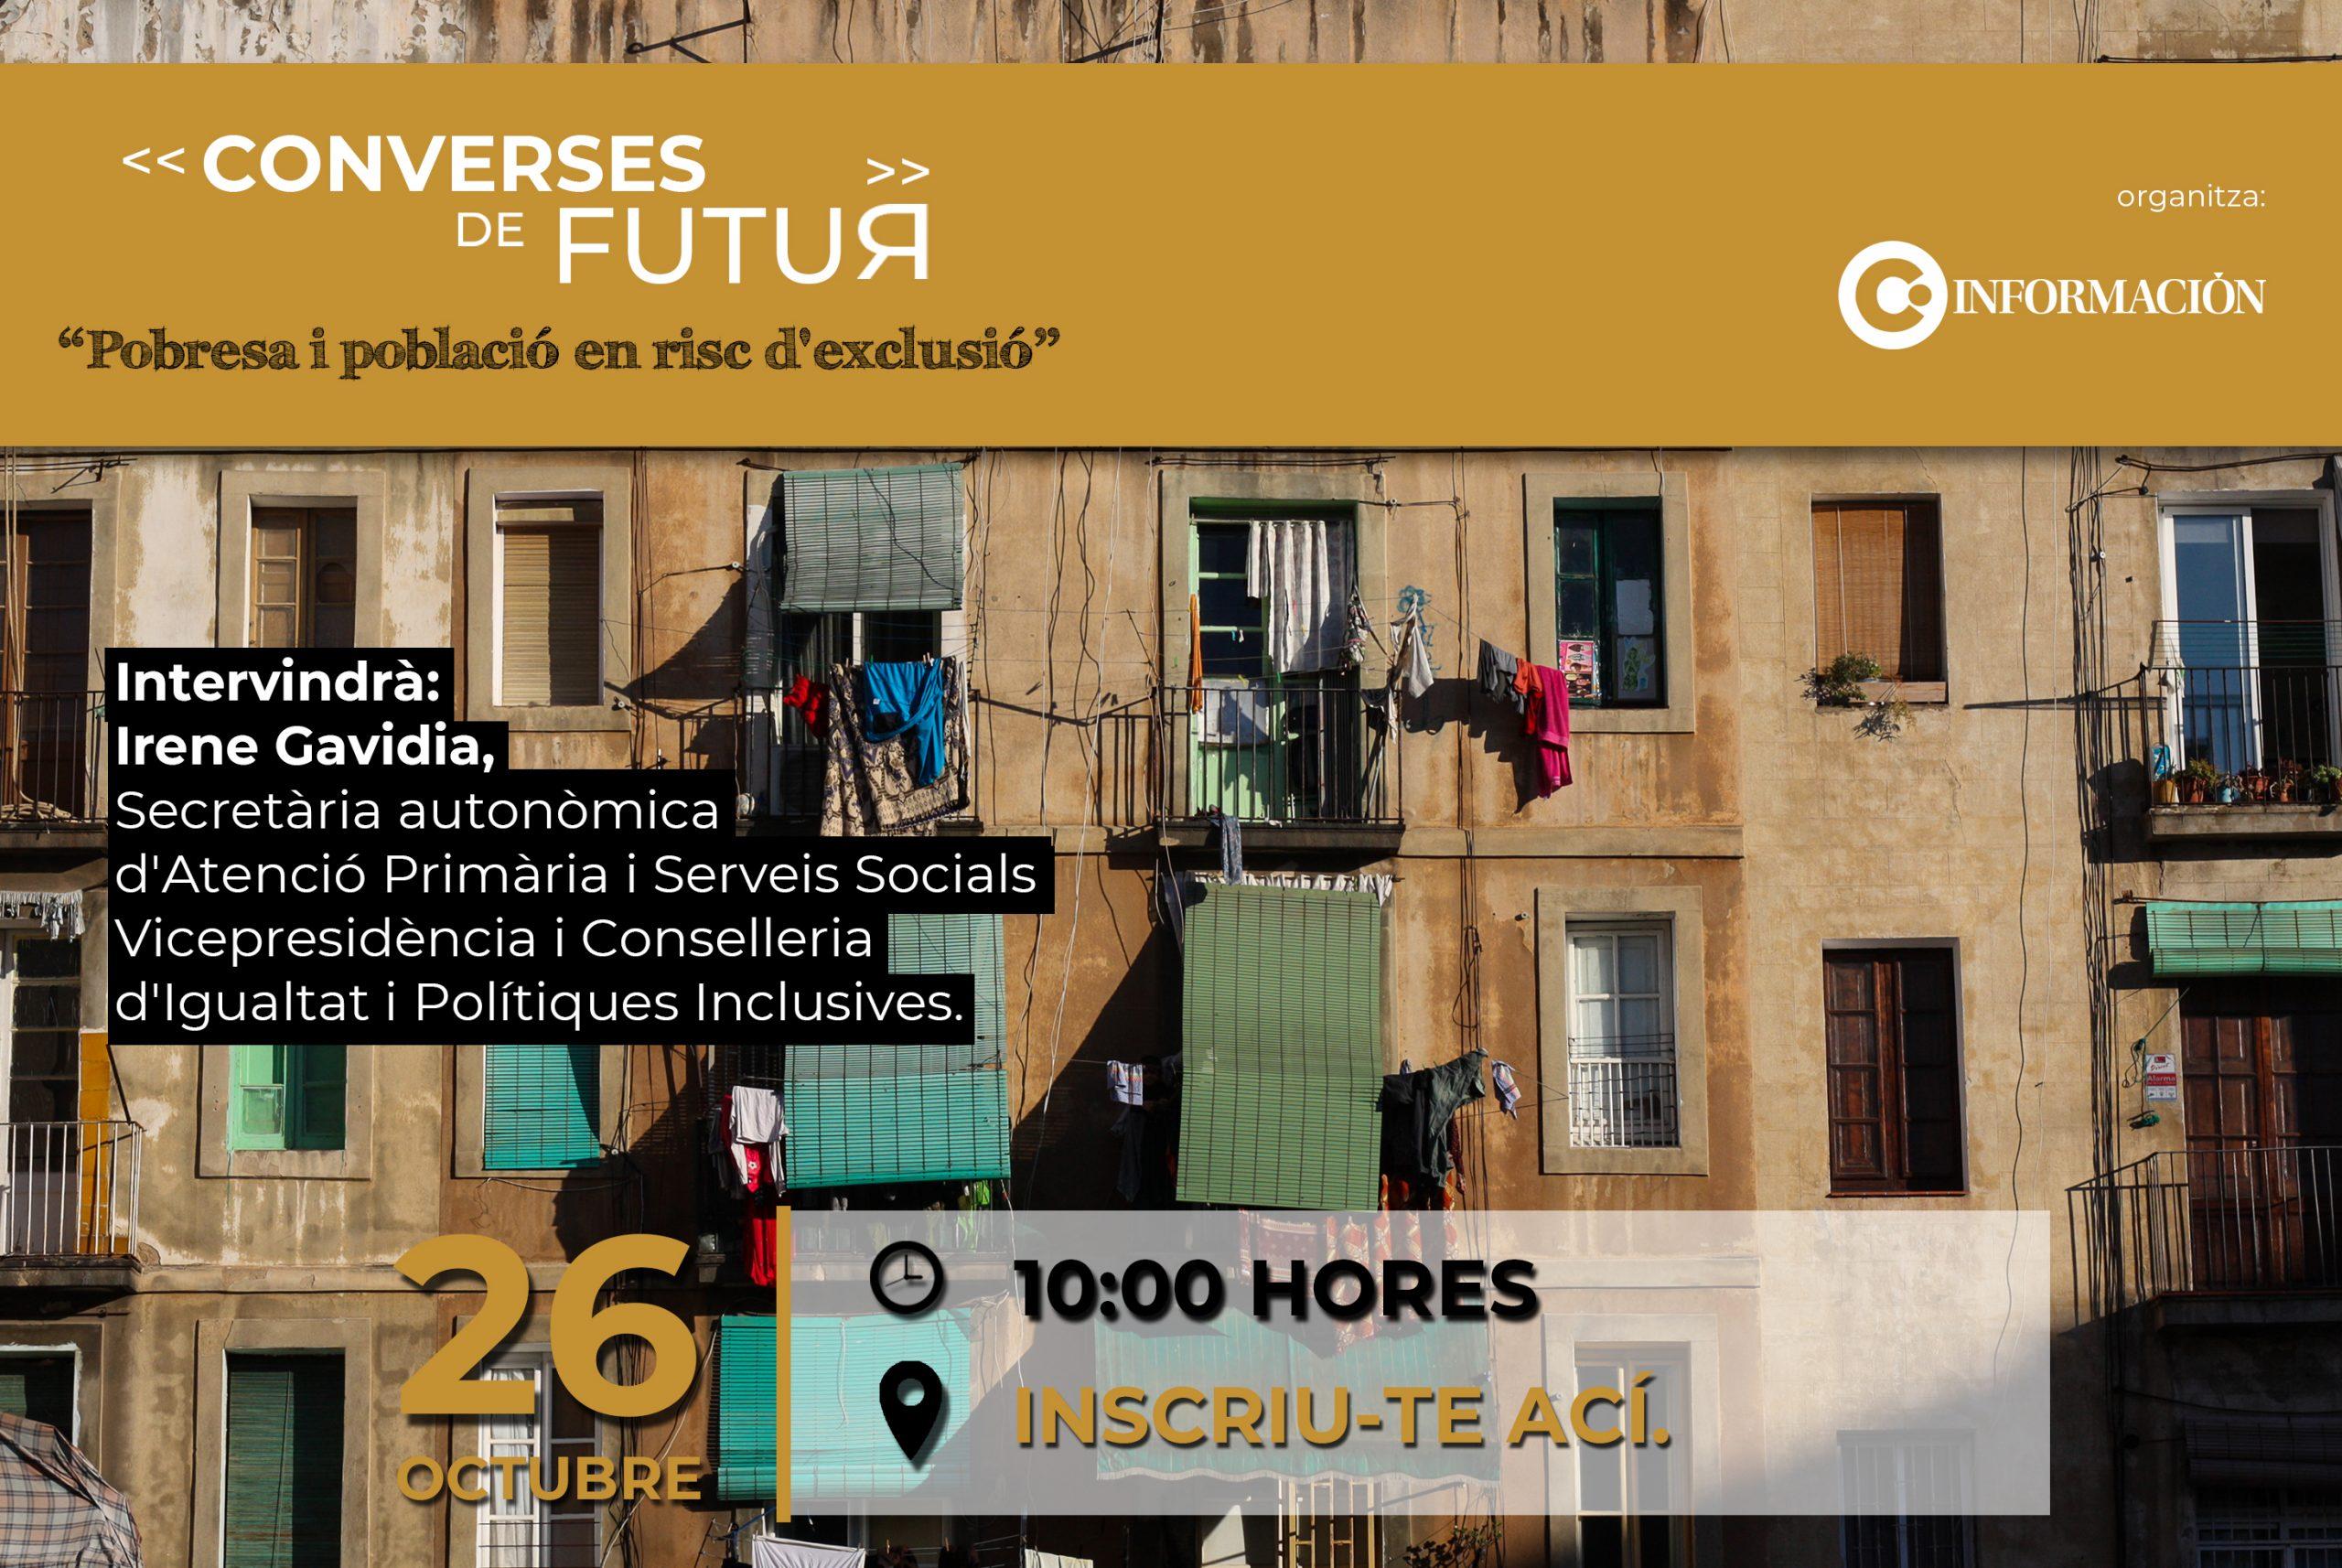 CONVERSES DE FUTUR: Pobresa i població en risc d'exclusió